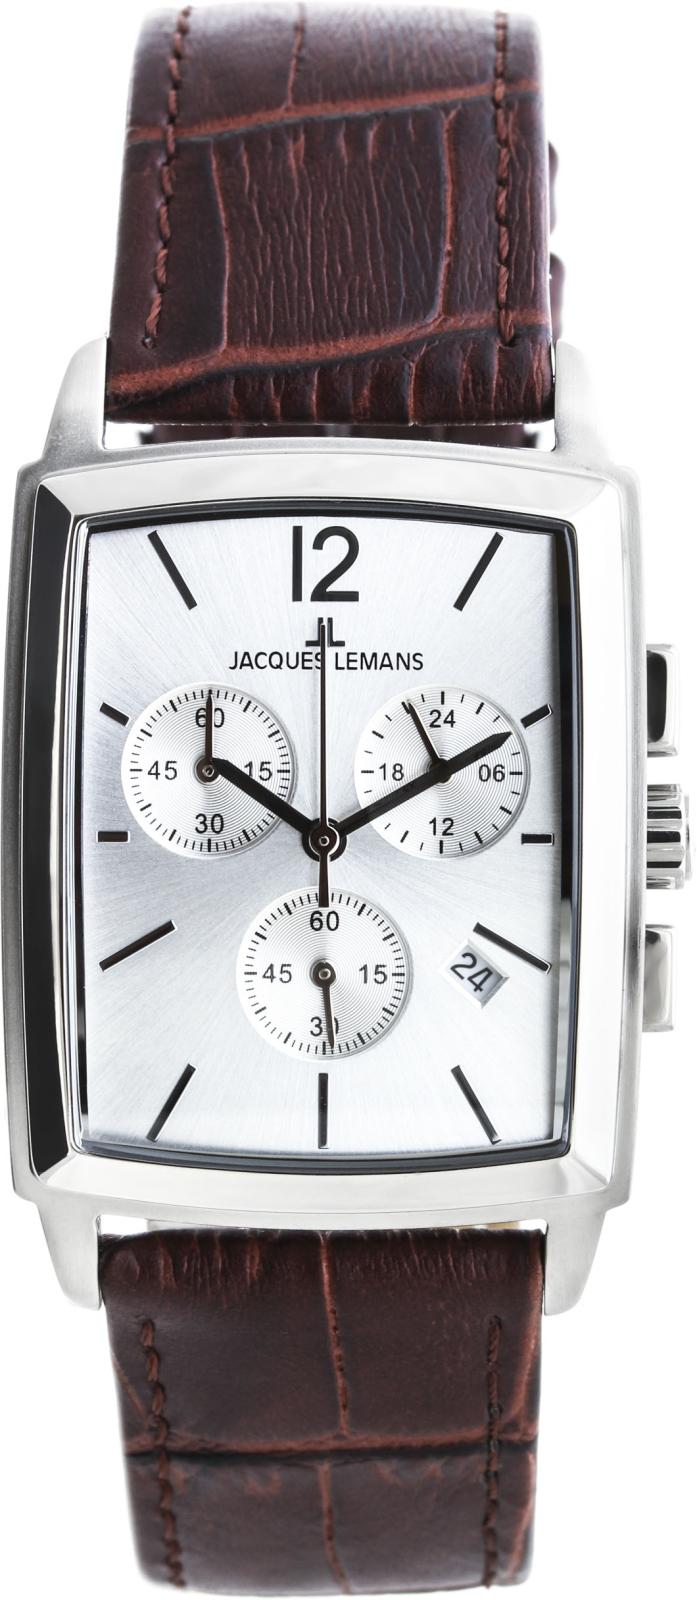 Jacques Lemans Bienne 1-1906BНаручные часы<br>Австрийские часы Jacques Lemans Bienne 1-1906B<br><br>Пол: Мужские<br>Страна-производитель: Австрия<br>Механизм: Кварцевый<br>Материал корпуса: Сталь<br>Материал ремня/браслета: Сталь<br>Водозащита, диапазон: None<br>Стекло: Минеральное<br>Толщина корпуса: None<br>Стиль: None